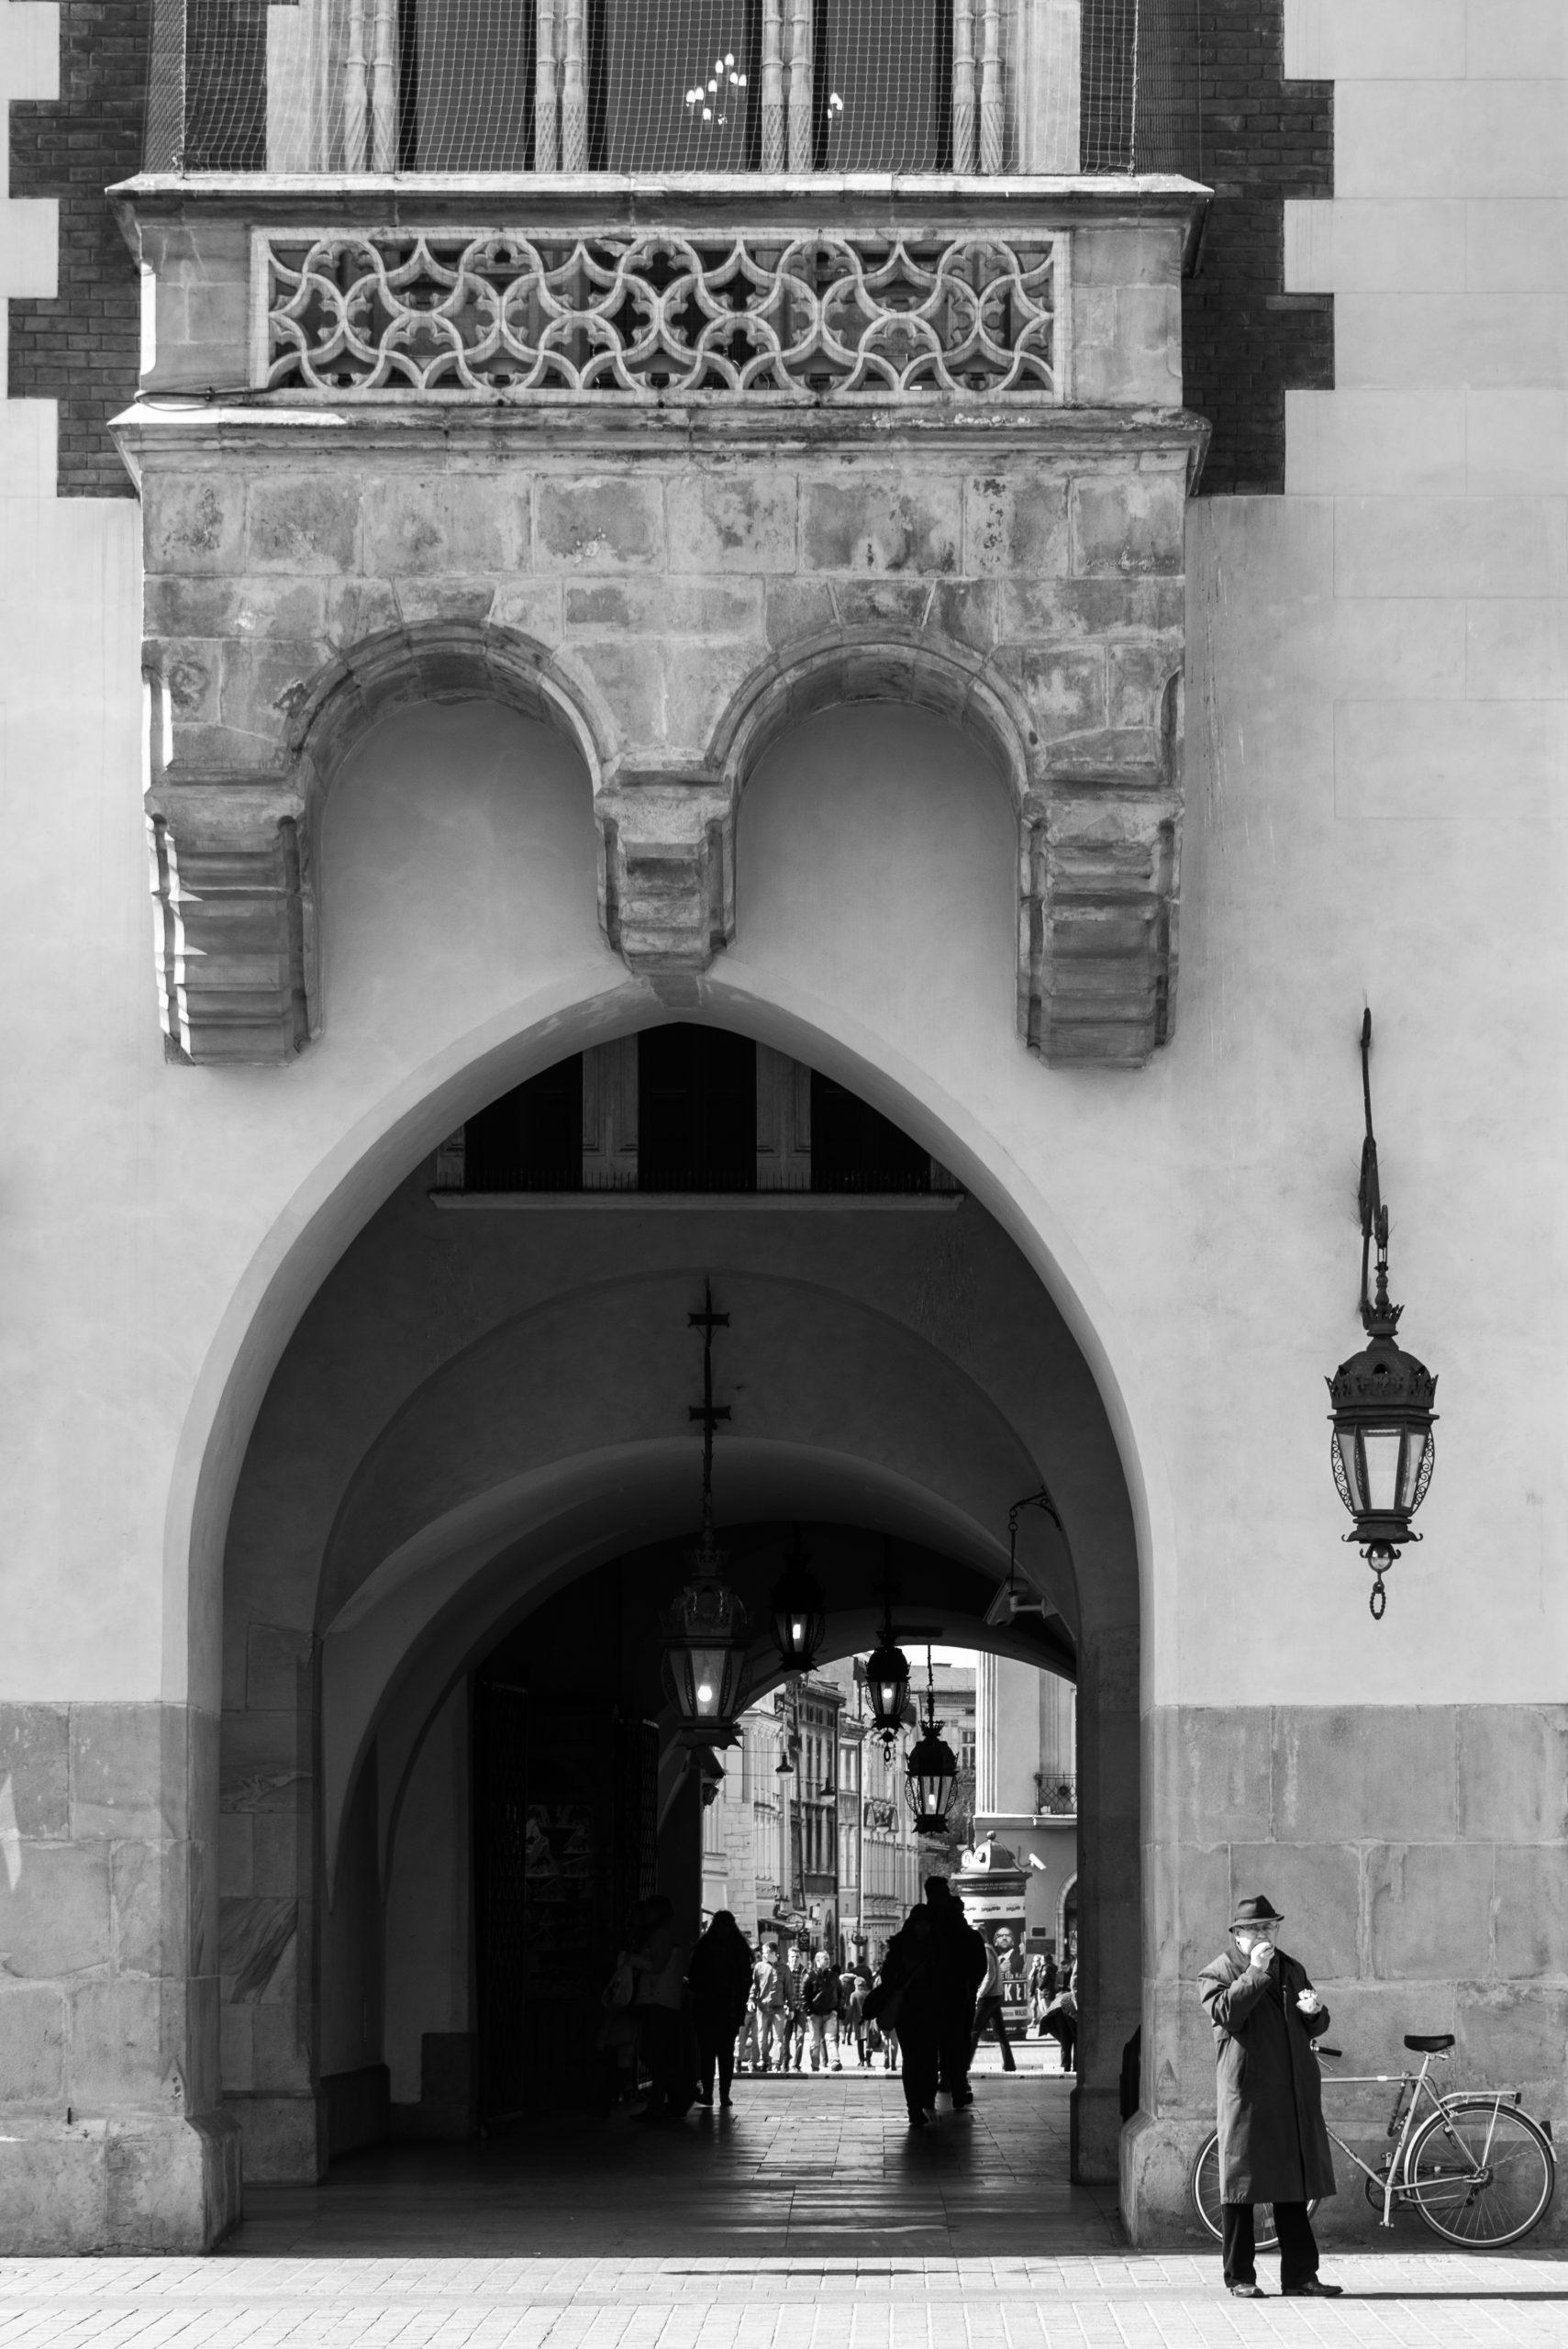 Kraków, Poland, Europe